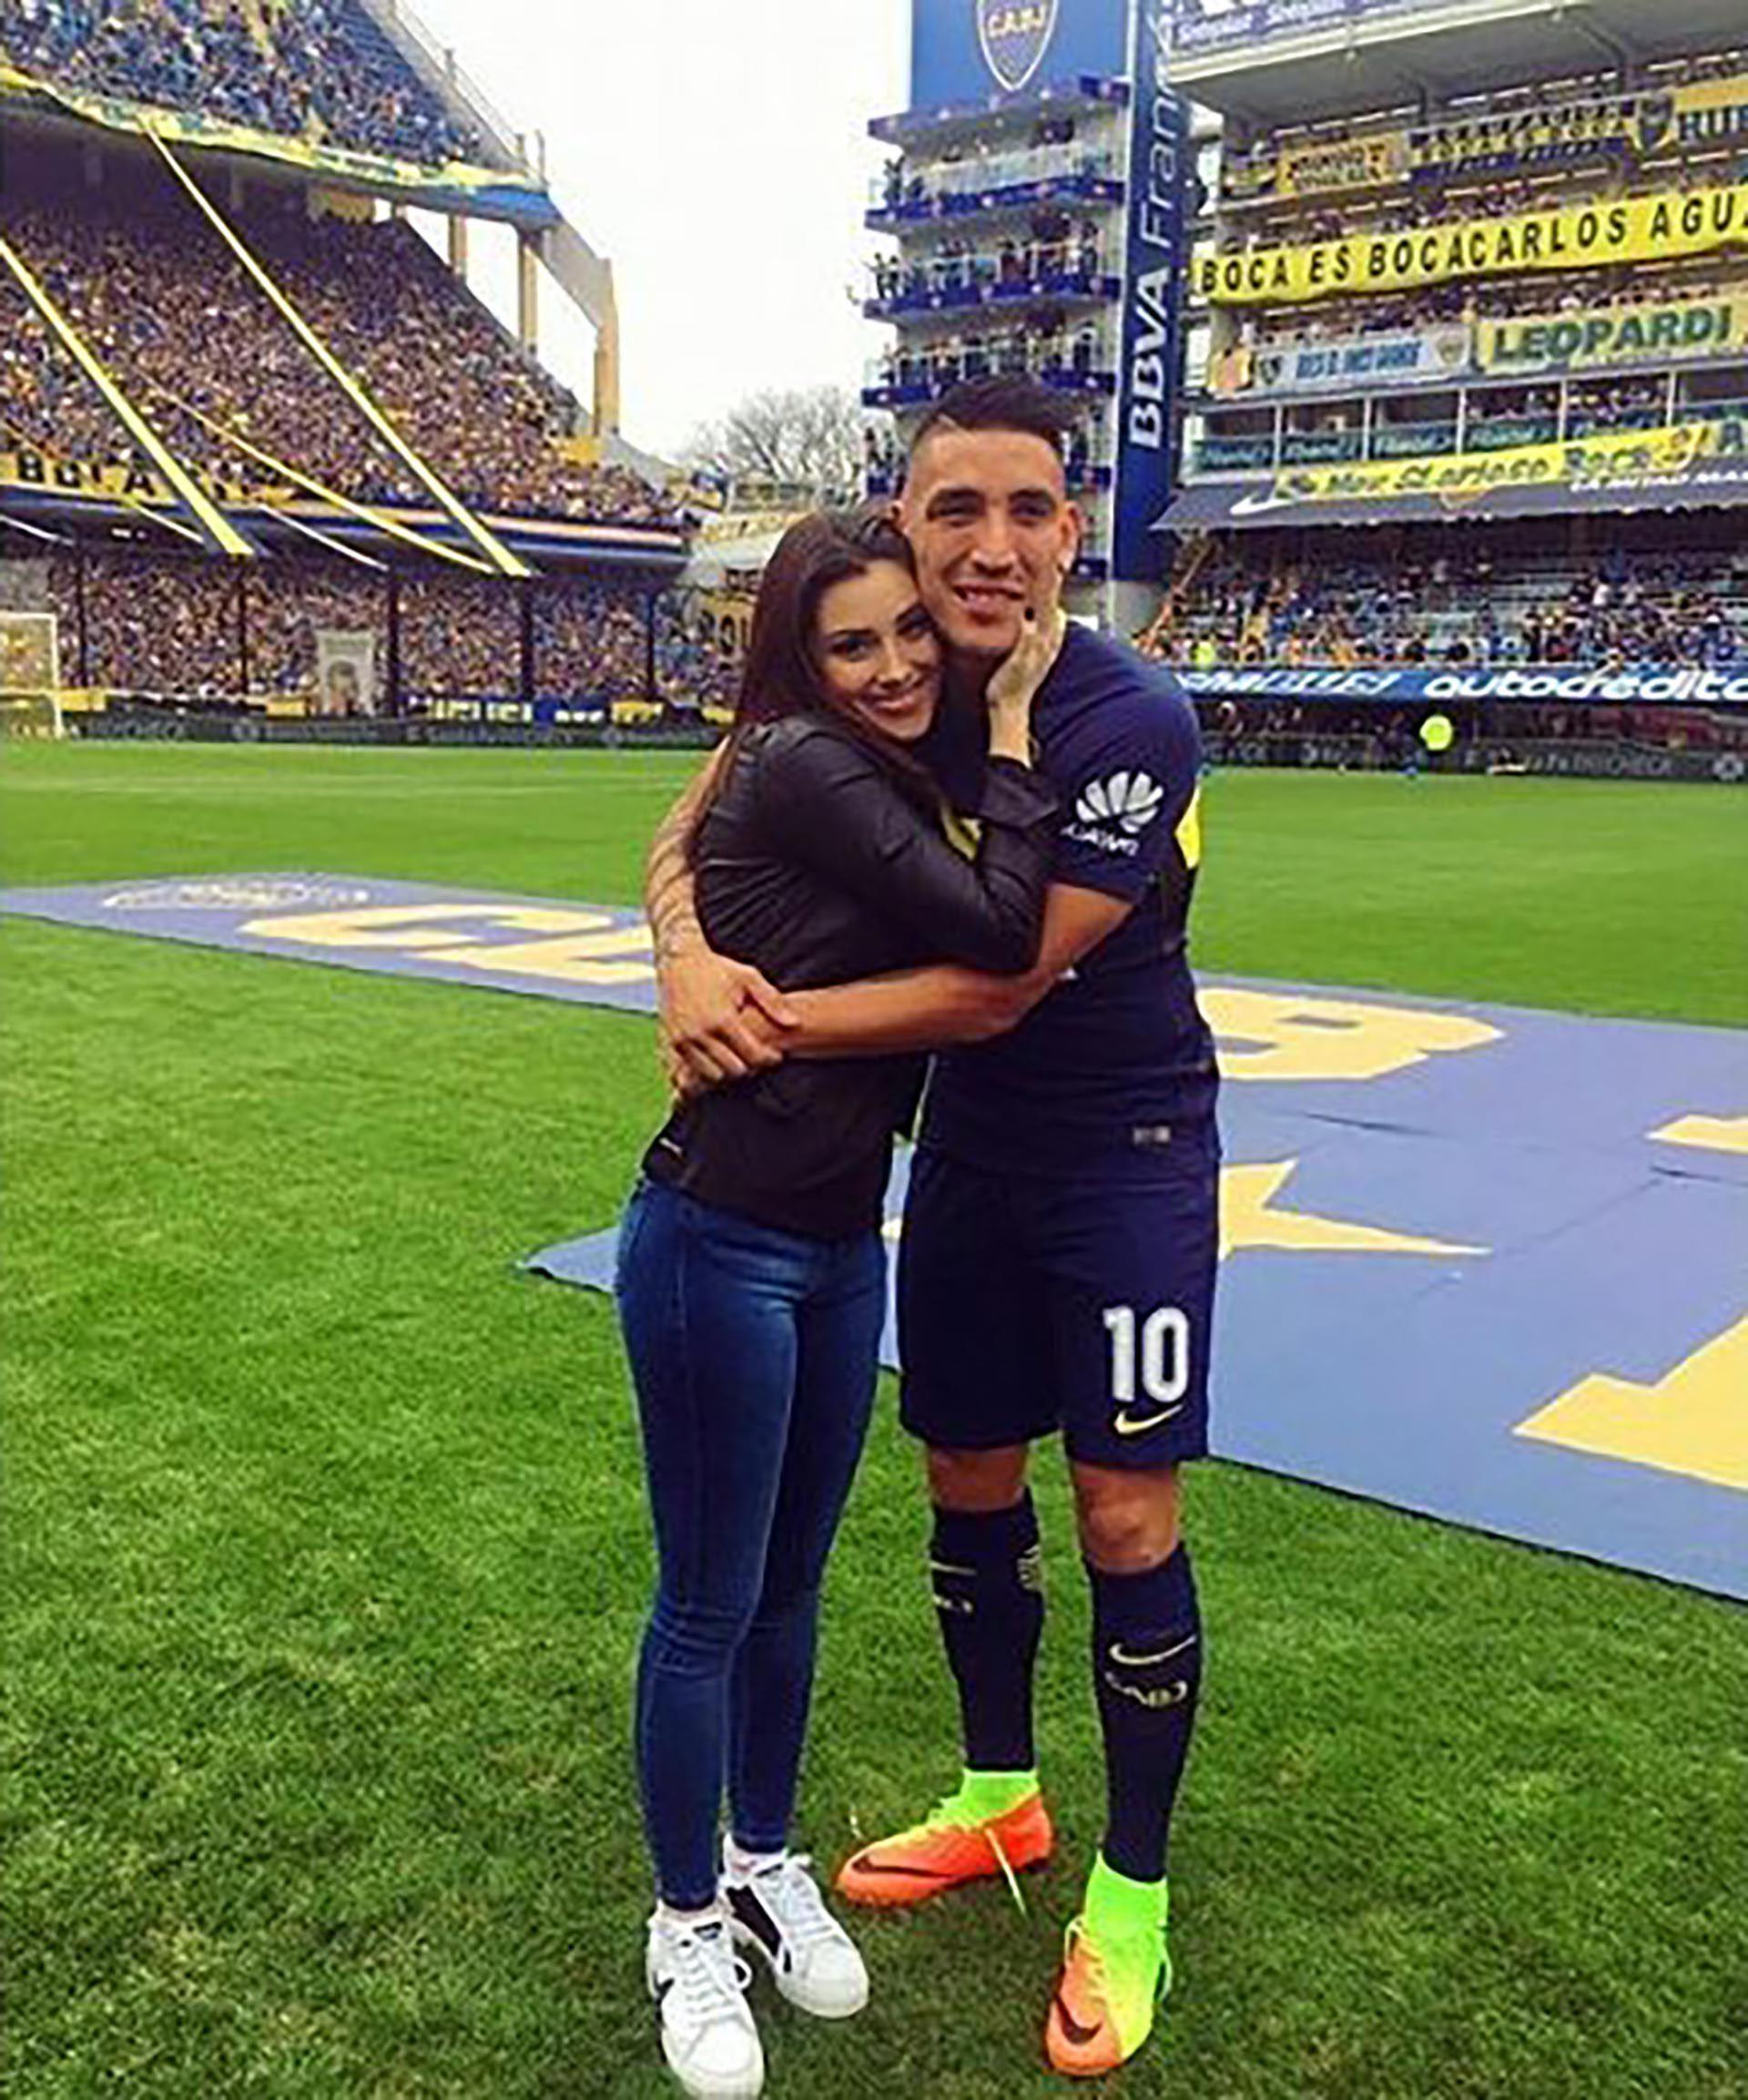 La joven lo acompañó en todos los momentos de su carrera (IG: @fc.melpasini)